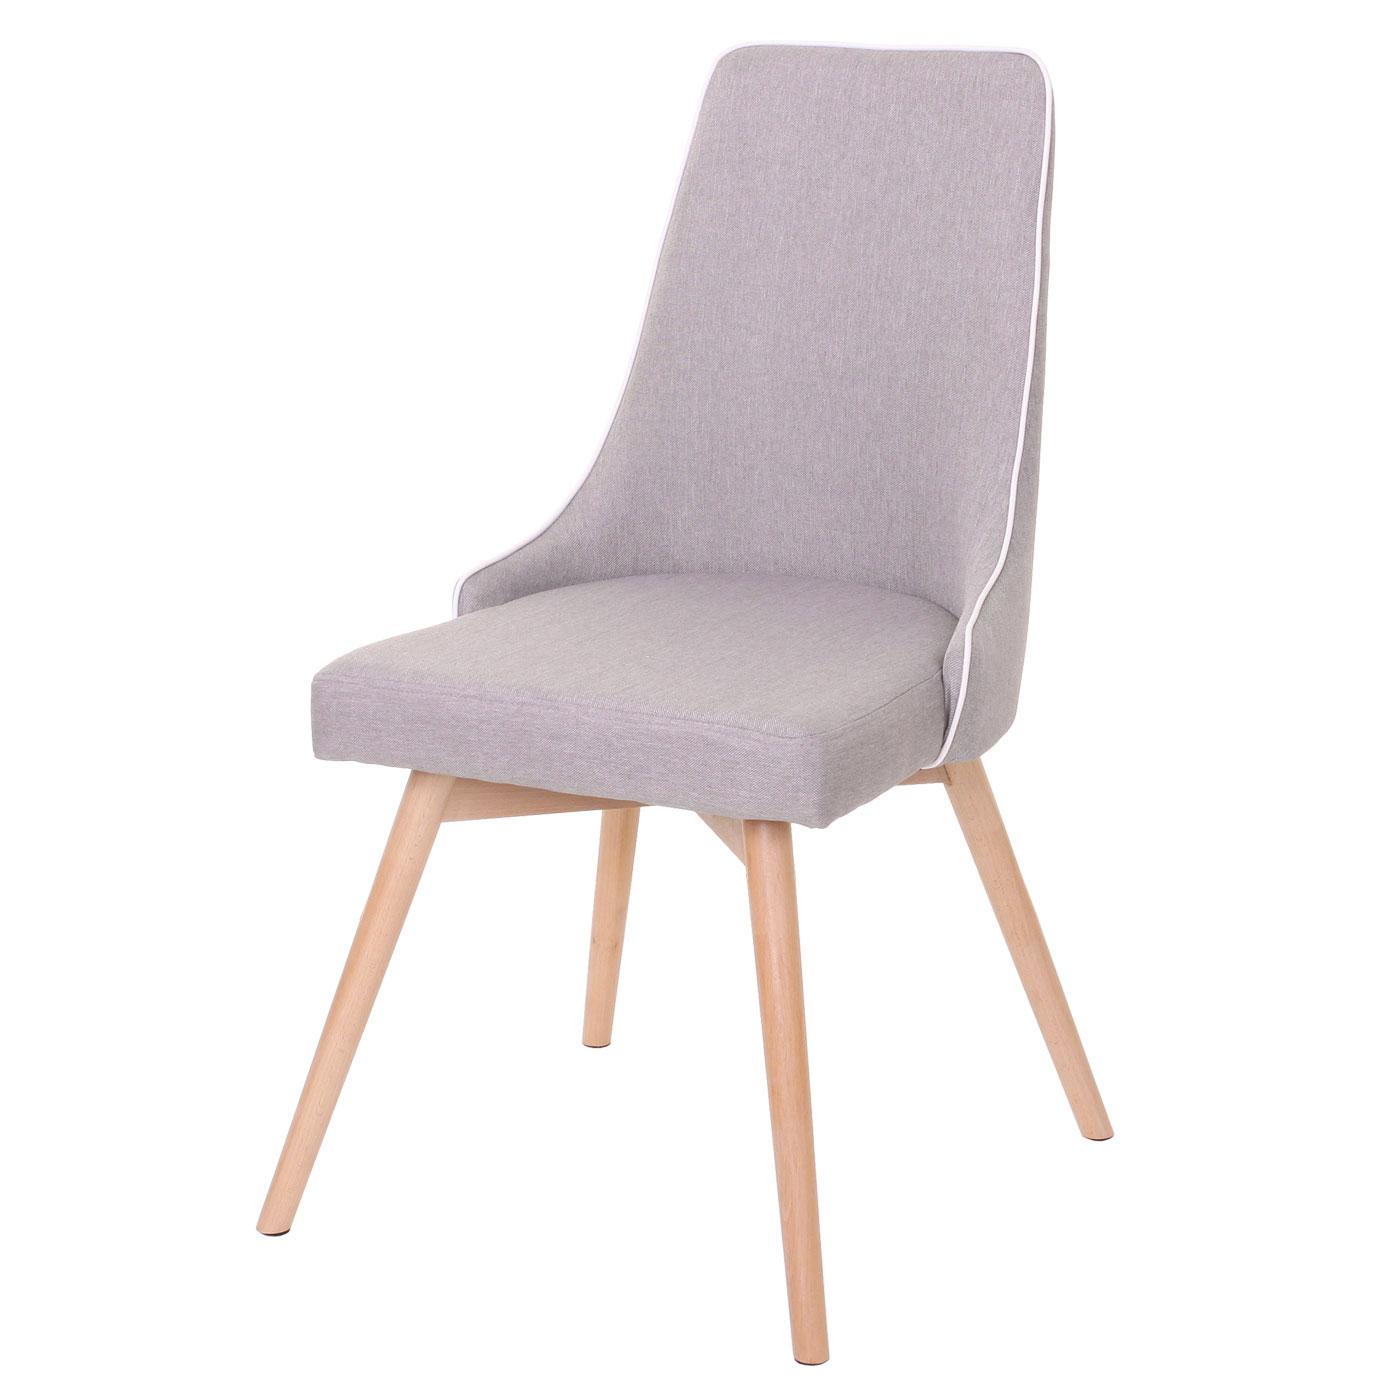 Stühle Freischwinger Günstig Stuhl Wasserhyazinthe Stühle Banane